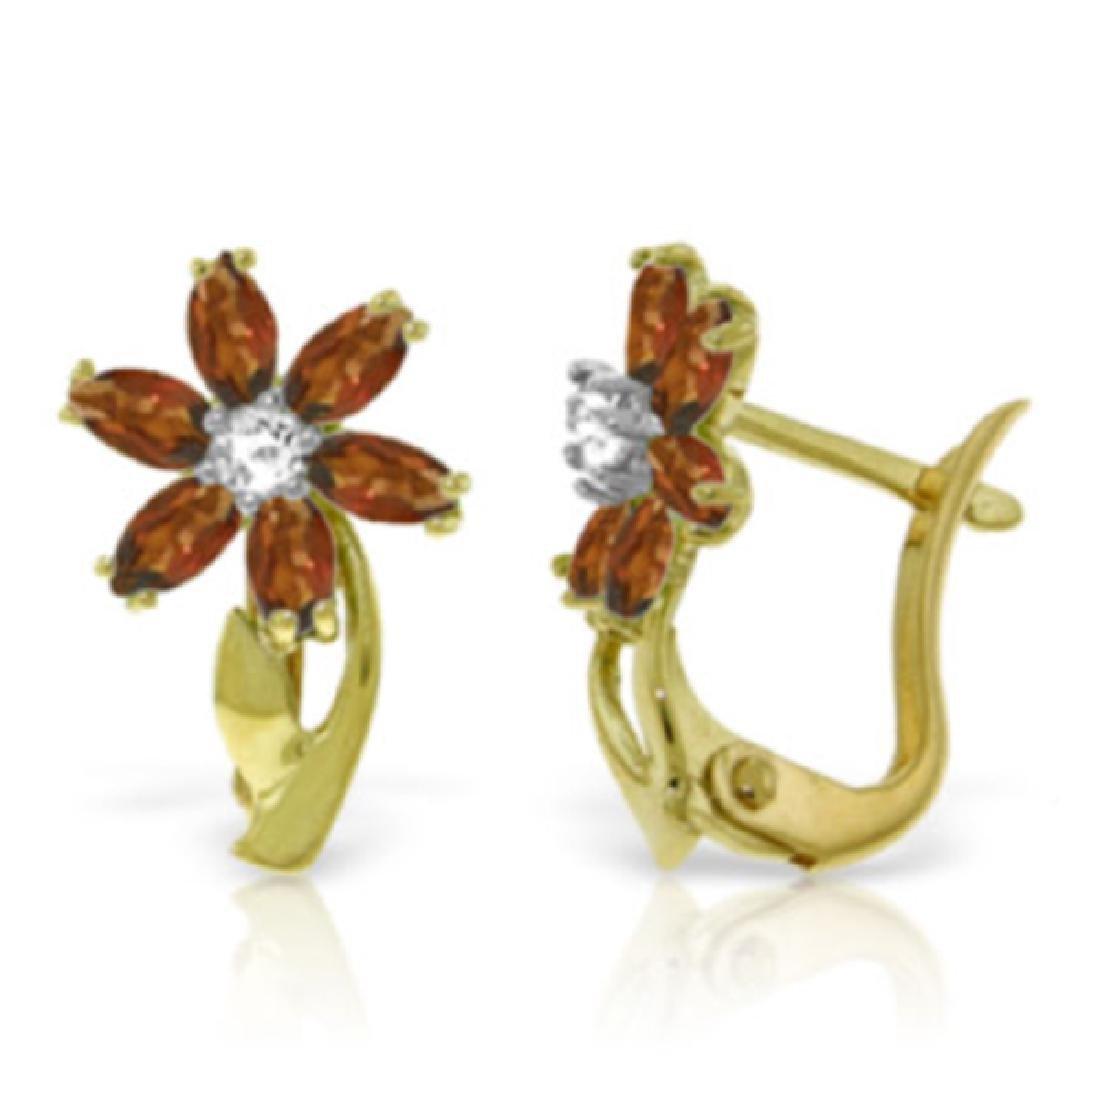 Genuine 1.10 ctw Garnet & Diamond Earrings Jewelry 14KT